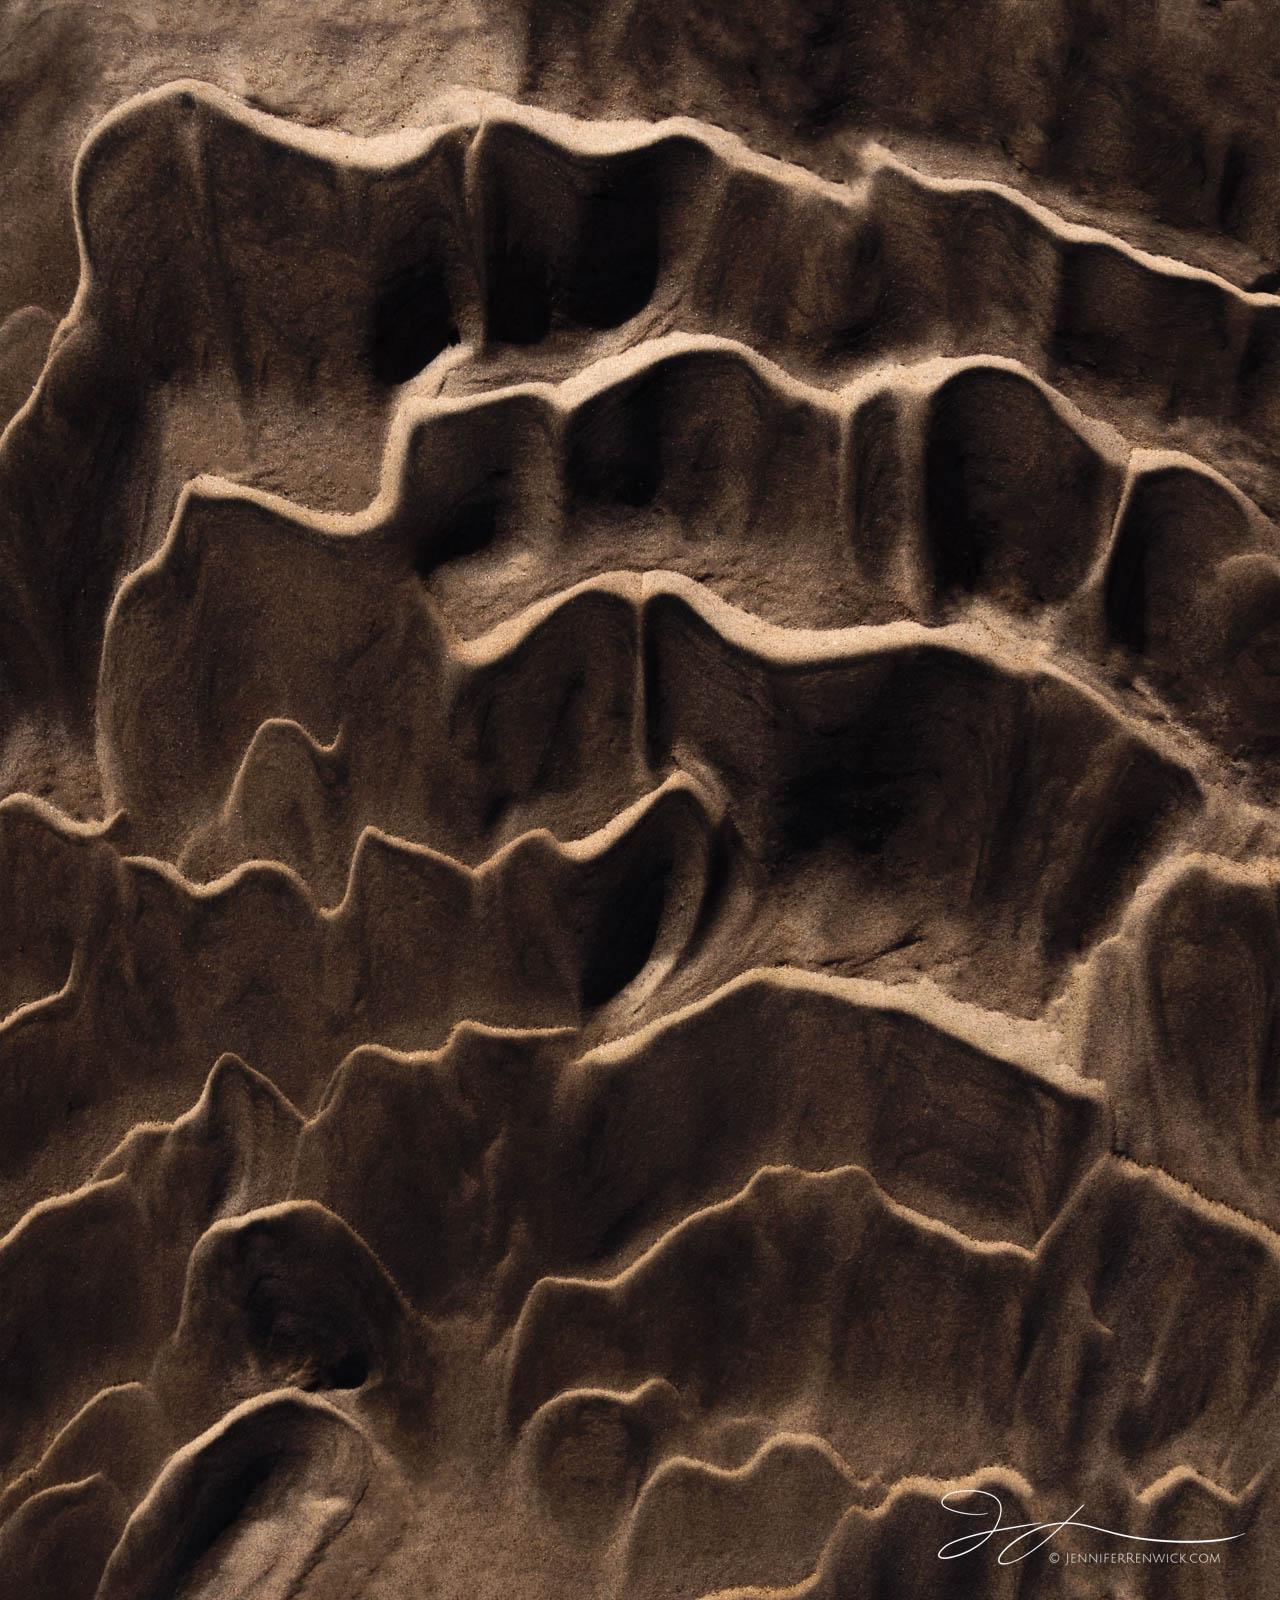 Desert sand ripples on the desert floor resemble corrugated cardboard.